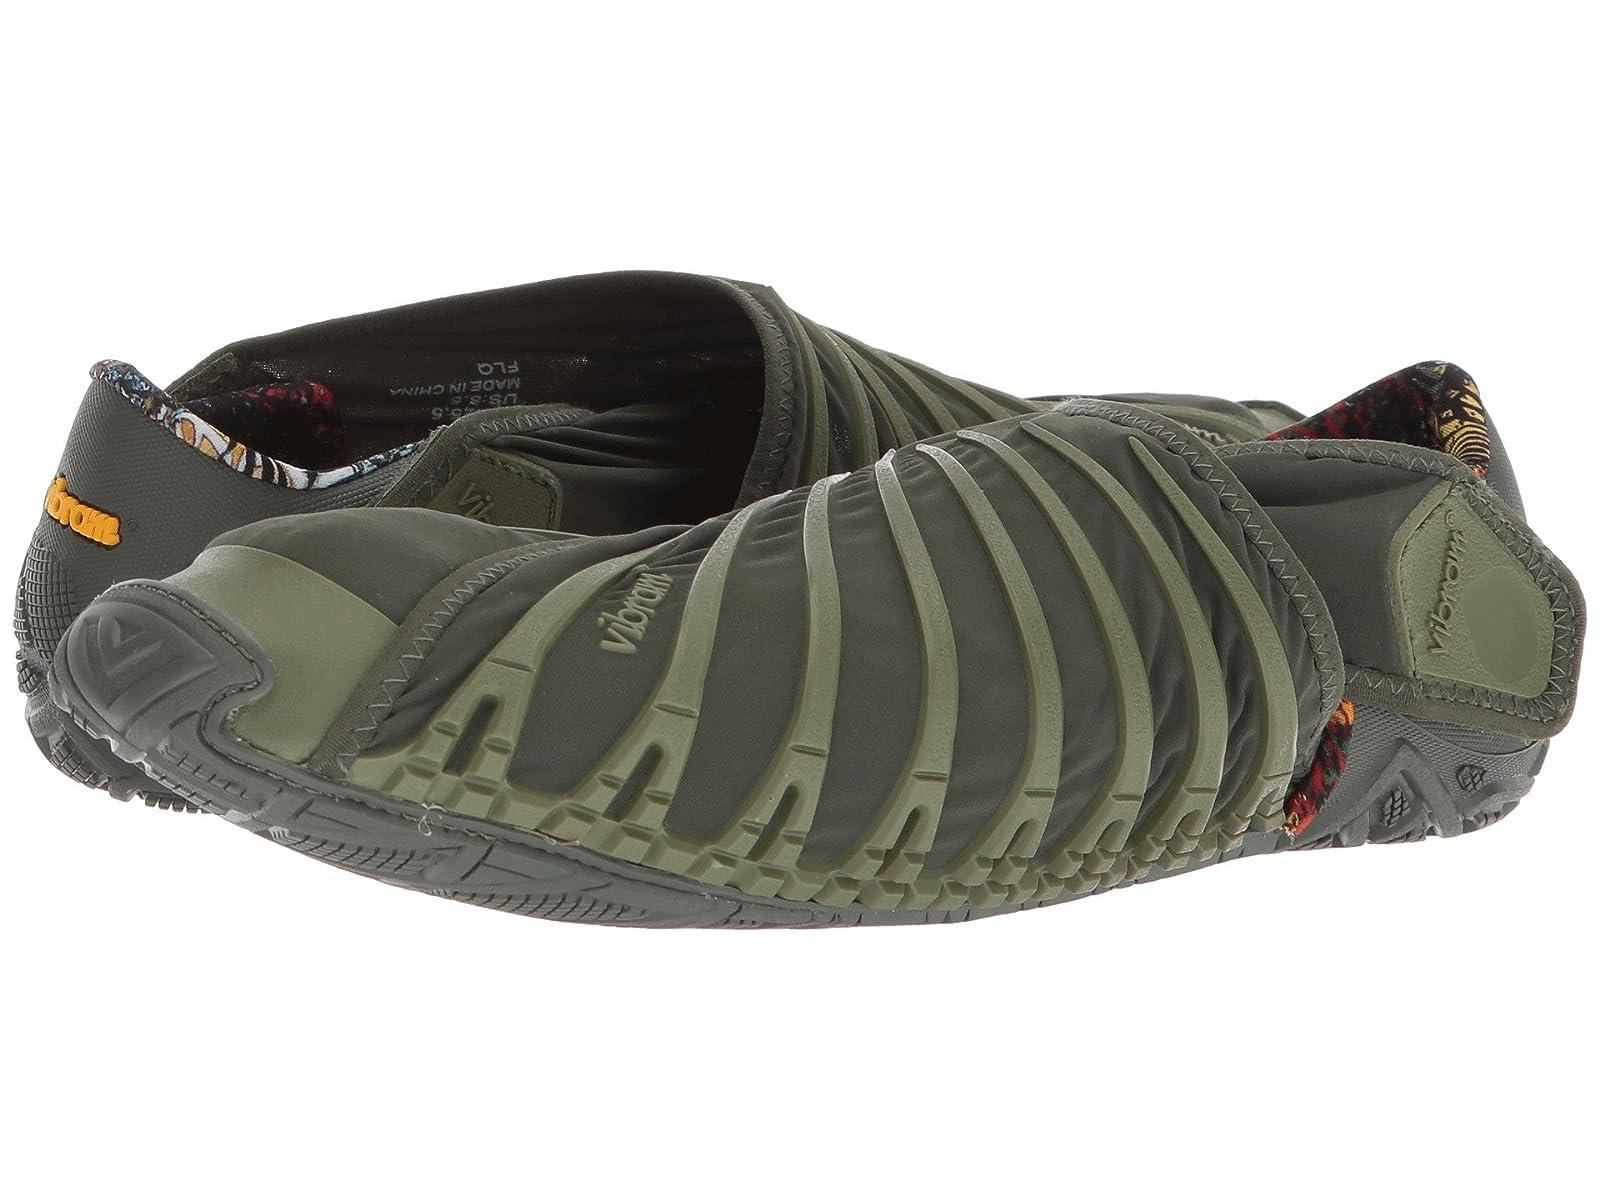 Vibram FiveFingers FuroshikiAtmospheric grades have affordable shoes